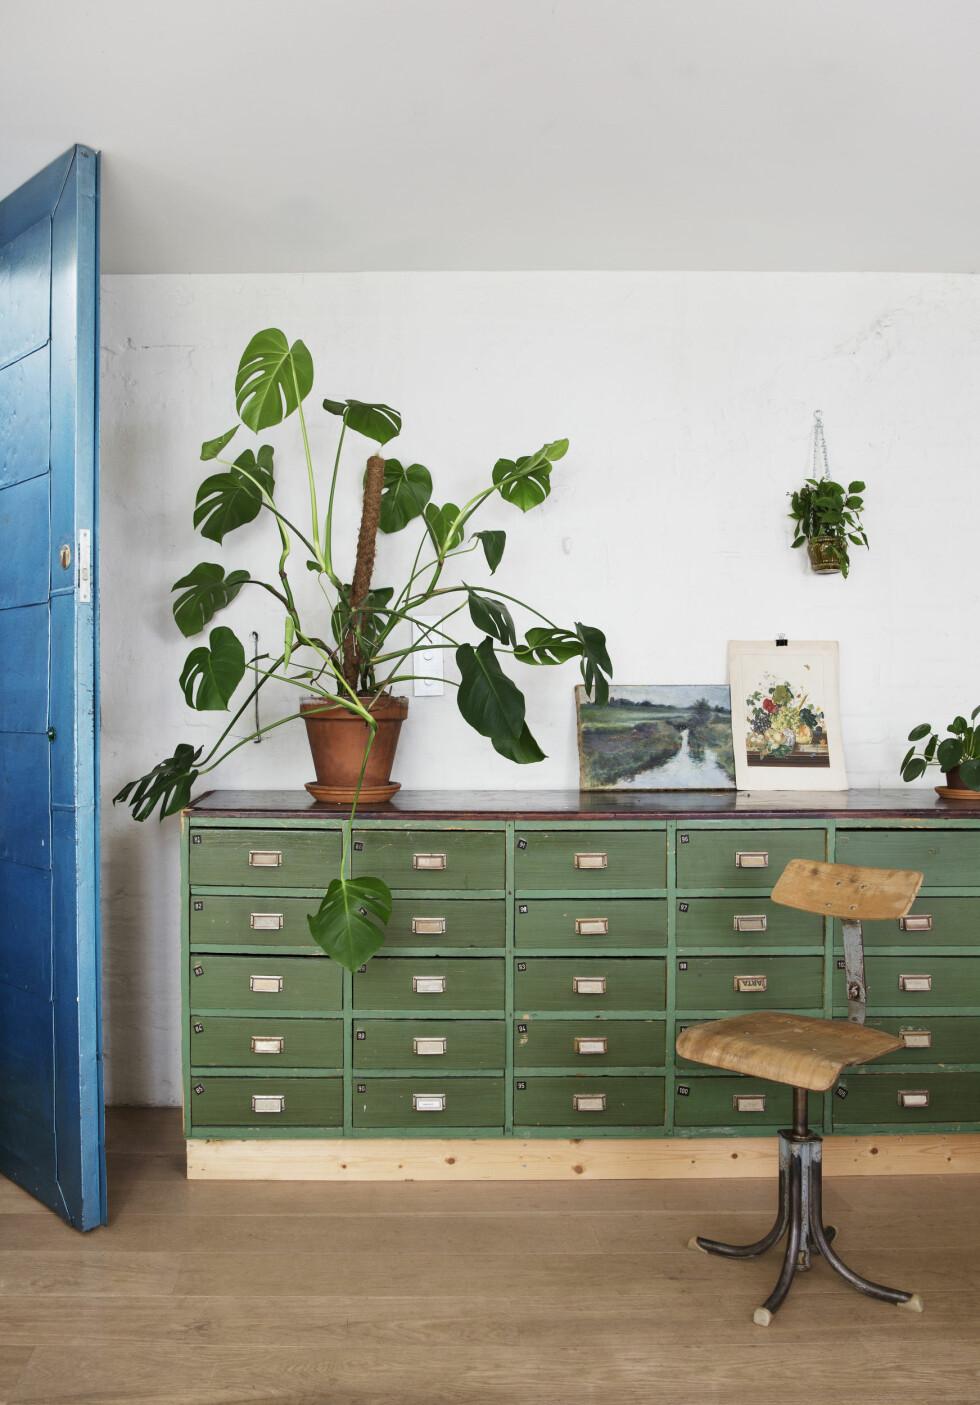 GAMLE MØBLER: Kjøpmannsdisken som står mellom kjøkkenet og stuen er funnet hos en låsesmed i Tønsberg. Stolen er en fransk industriarbeidsstol. Foto: Yvonne Wilhelmsen